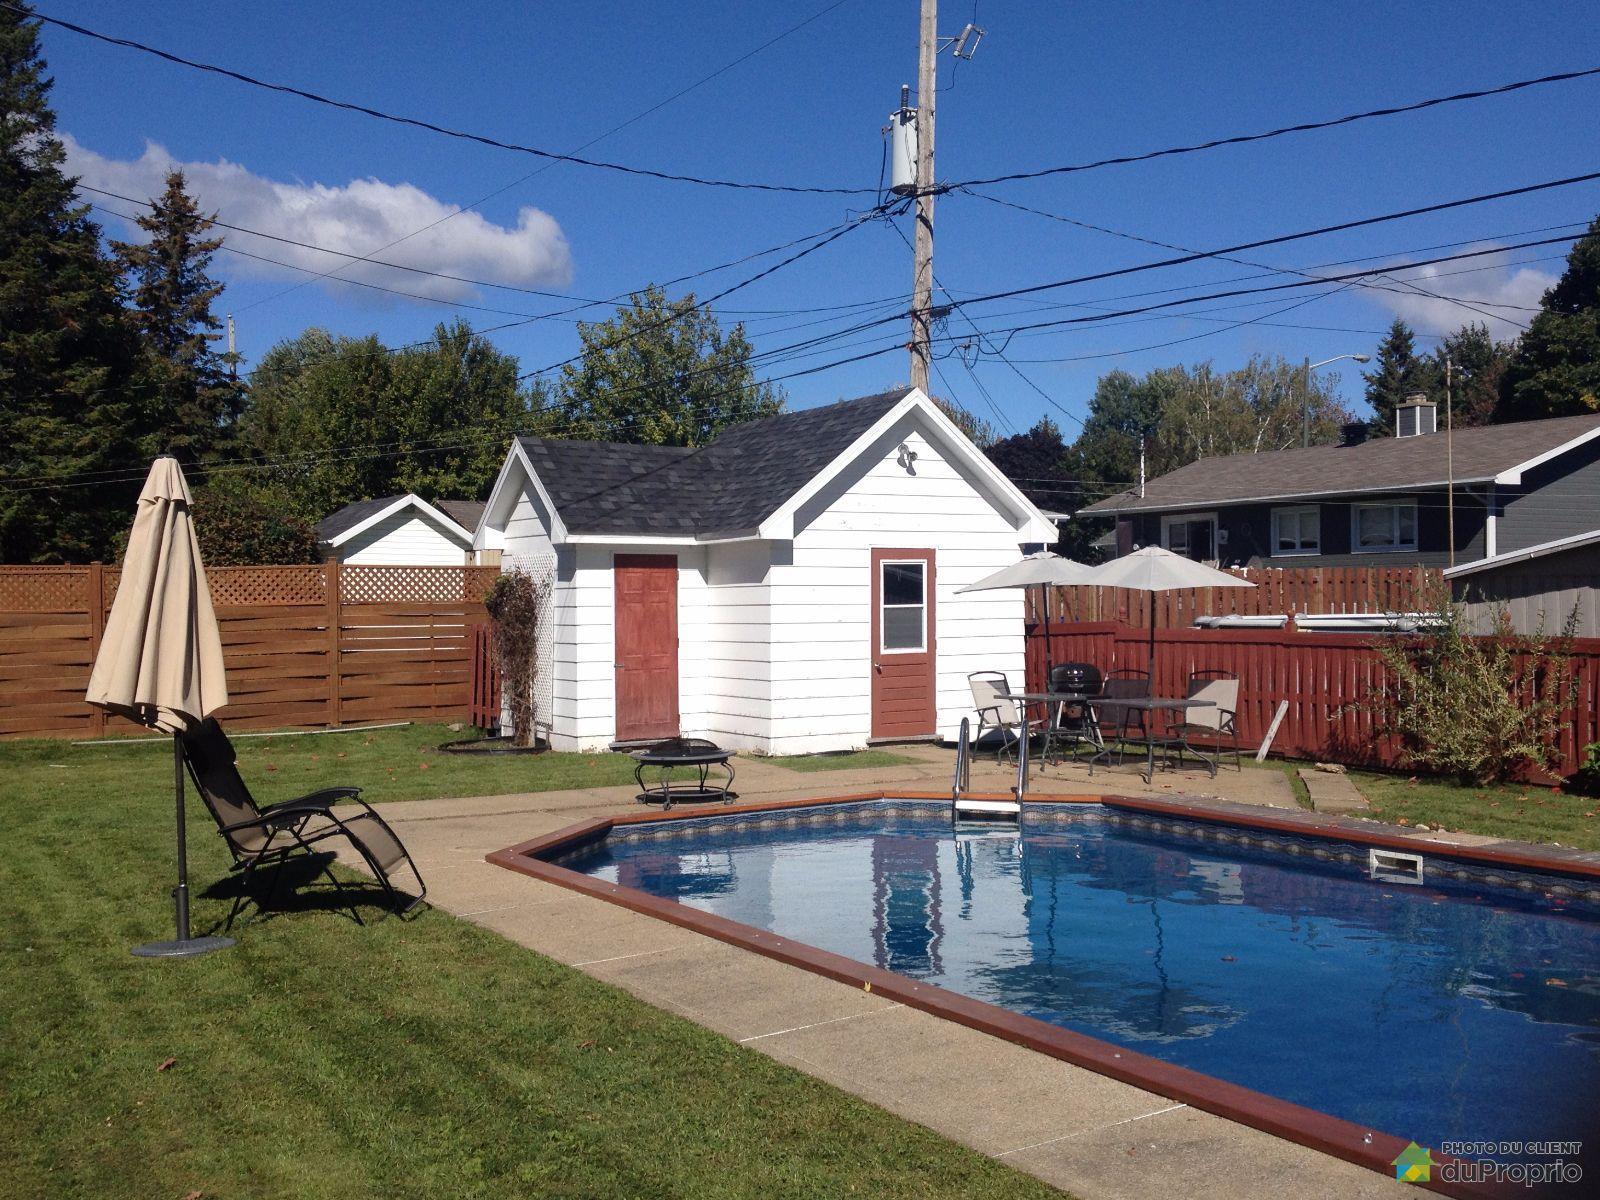 Maison vendre charlesbourg 7700 rue de nimes for Arpidrome charlesbourg piscine